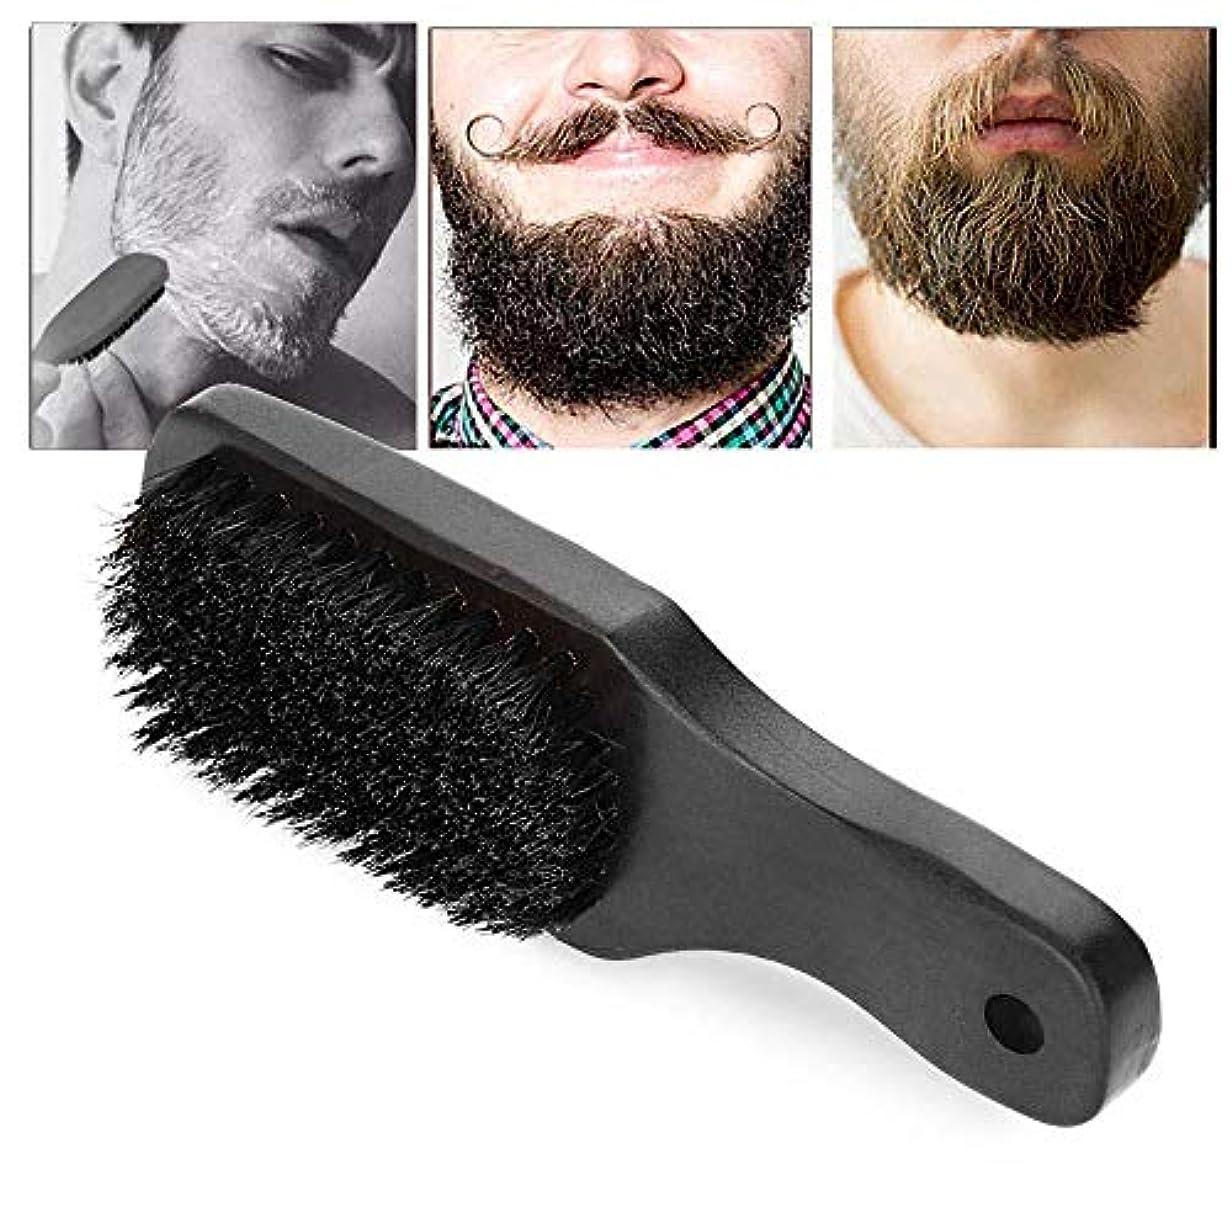 買収逃れるキルスポマードの毛の櫛、ひげのための剃るブラシの毛の手入れをするポマードの毛の櫛の人のひげを生やしたひげのクリーニングブラシの毛